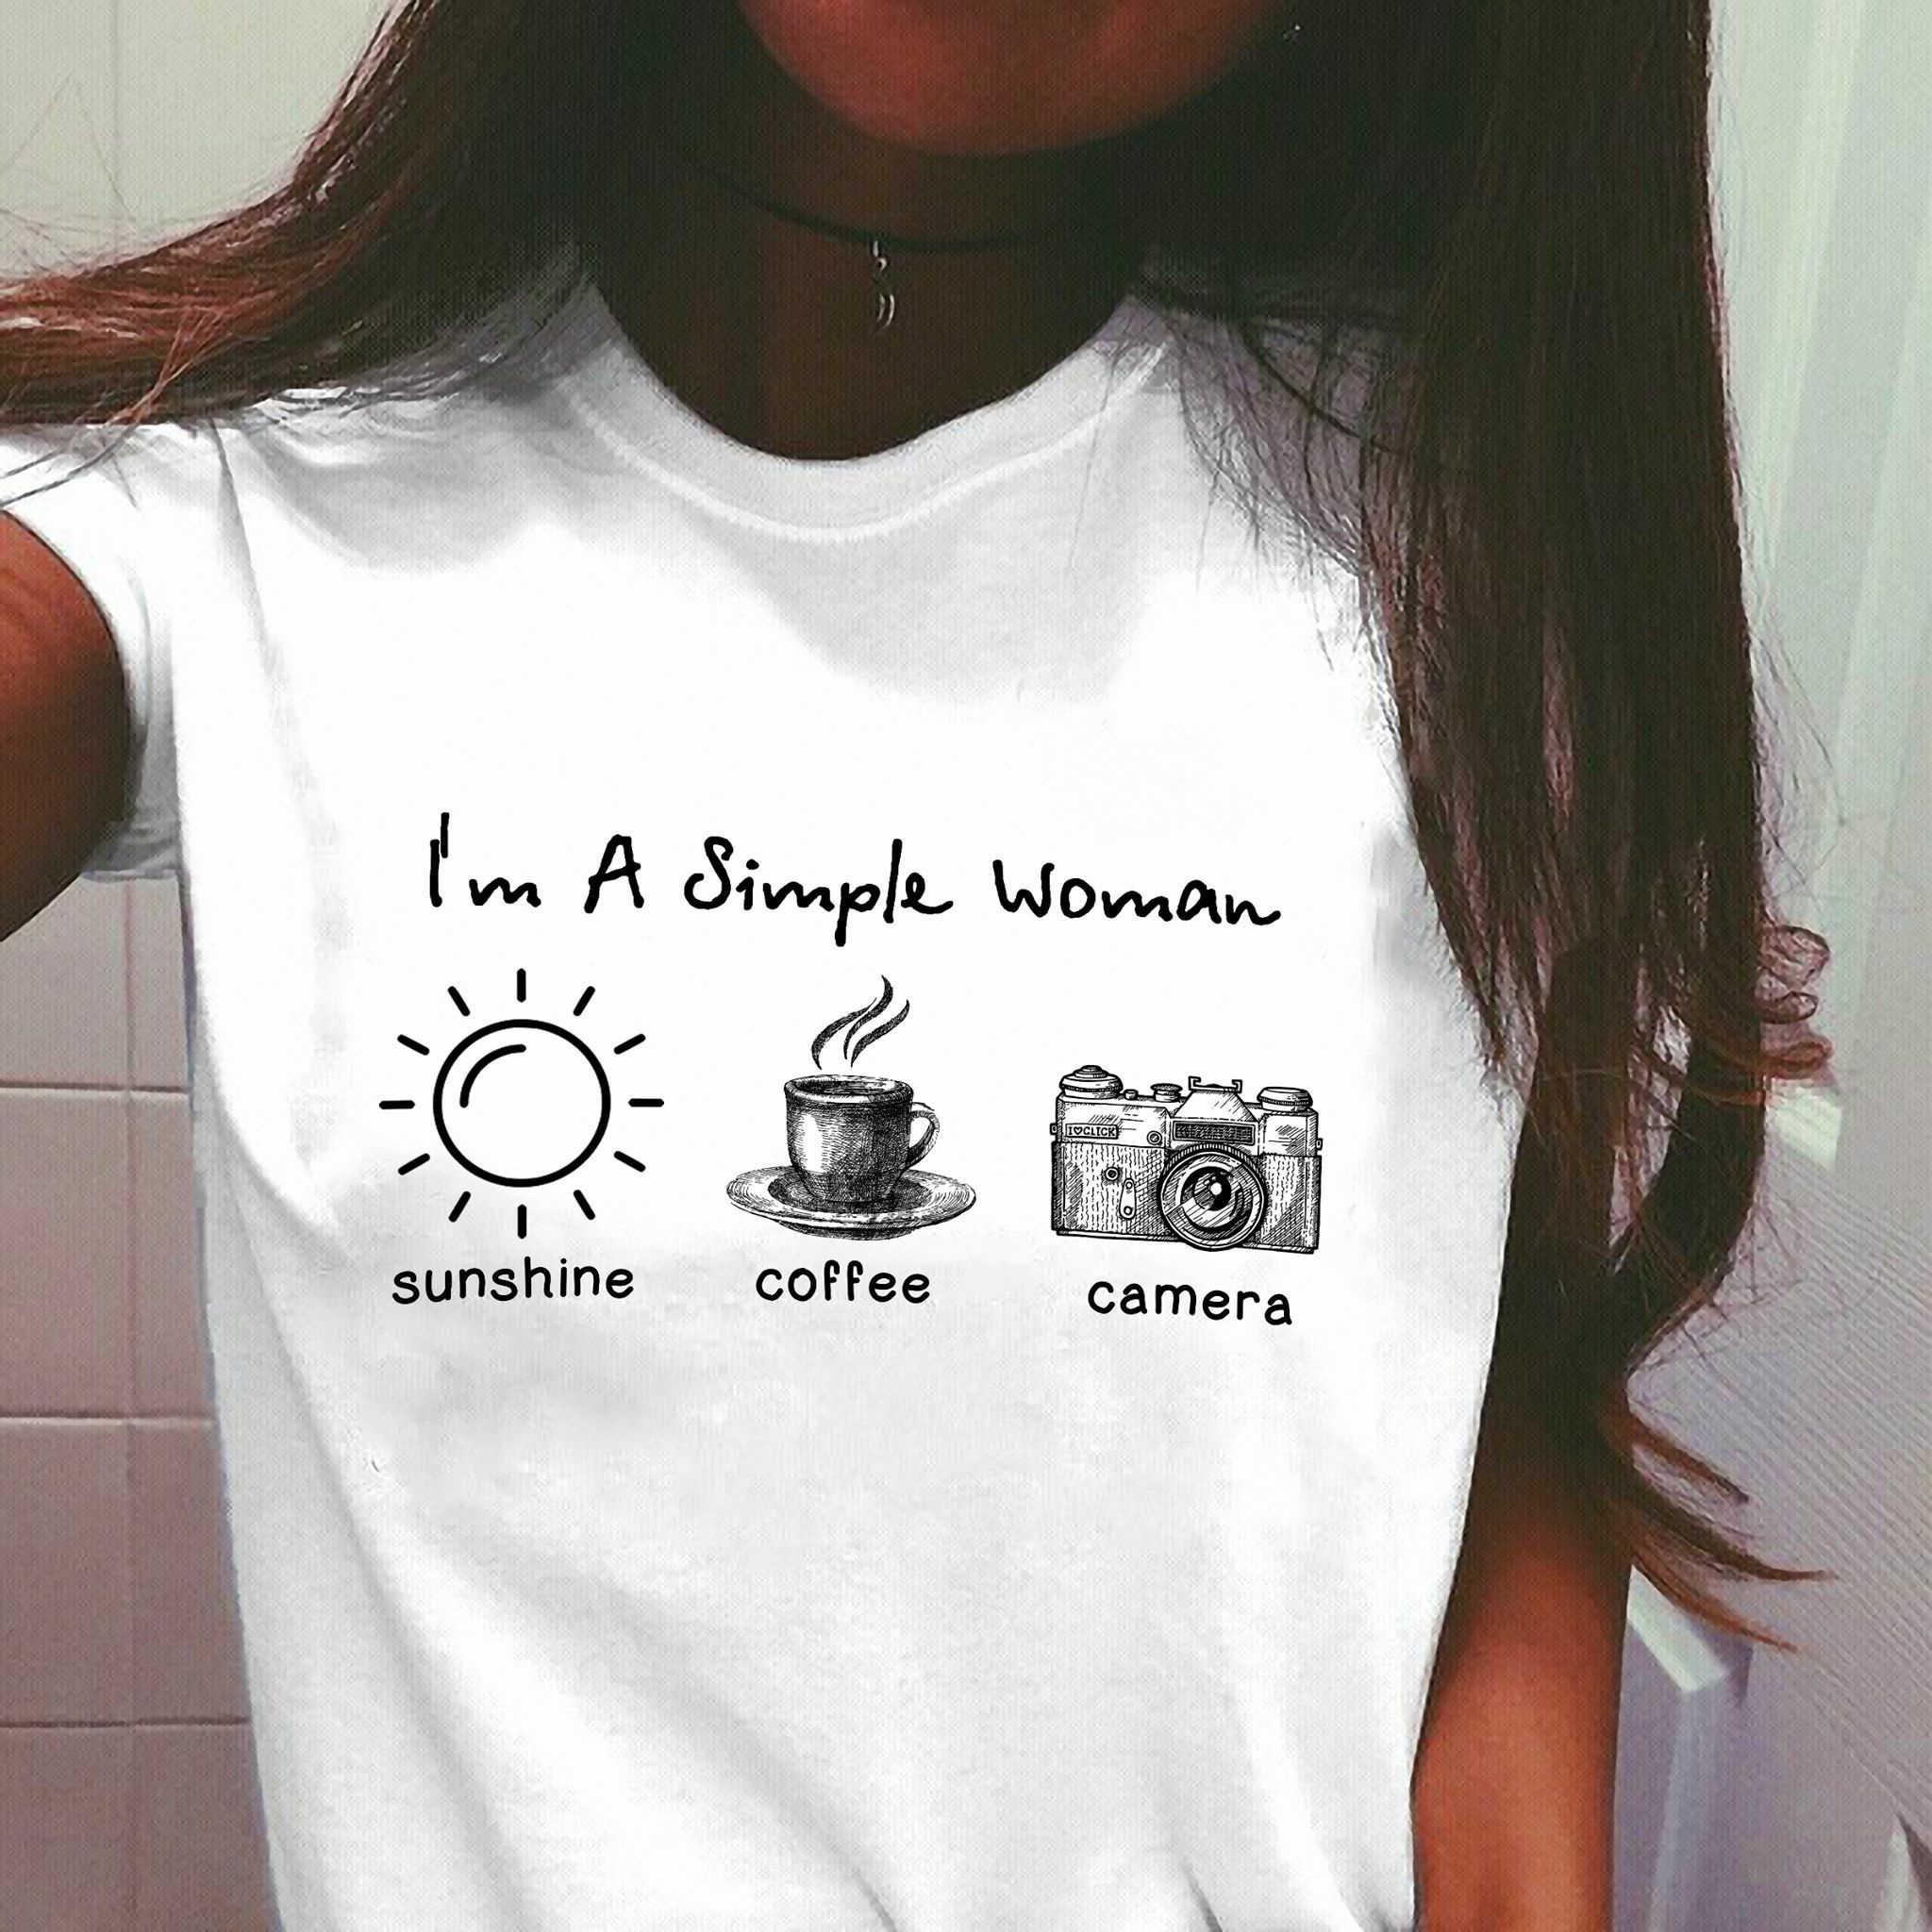 Ik Ben Een Eenvoudige Vrouw Sunshine Koffie En Camera Wit Shirt Vrouwen Ronde Hals T-shirt Grunge Esthetische Slogan camiseta Tees Tops